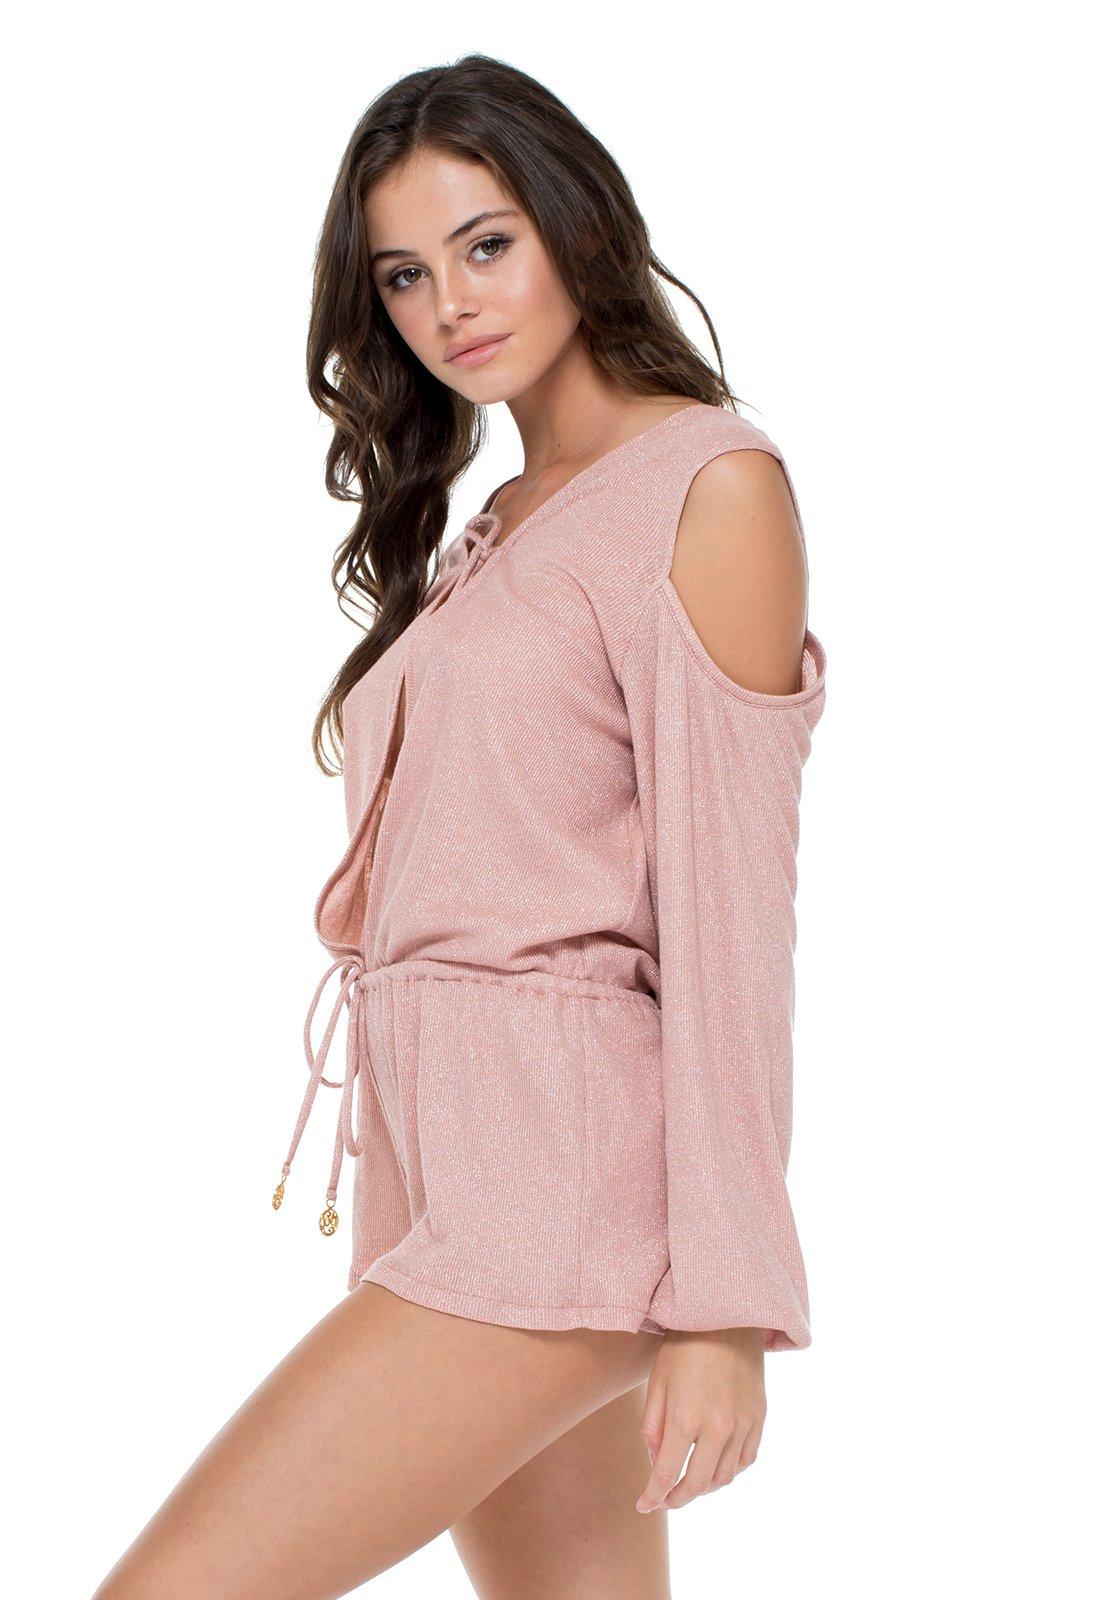 33381108063d Sparkling Pink Long-sleeved Romper - Sabor Longsleeve Romper - Luli Fama